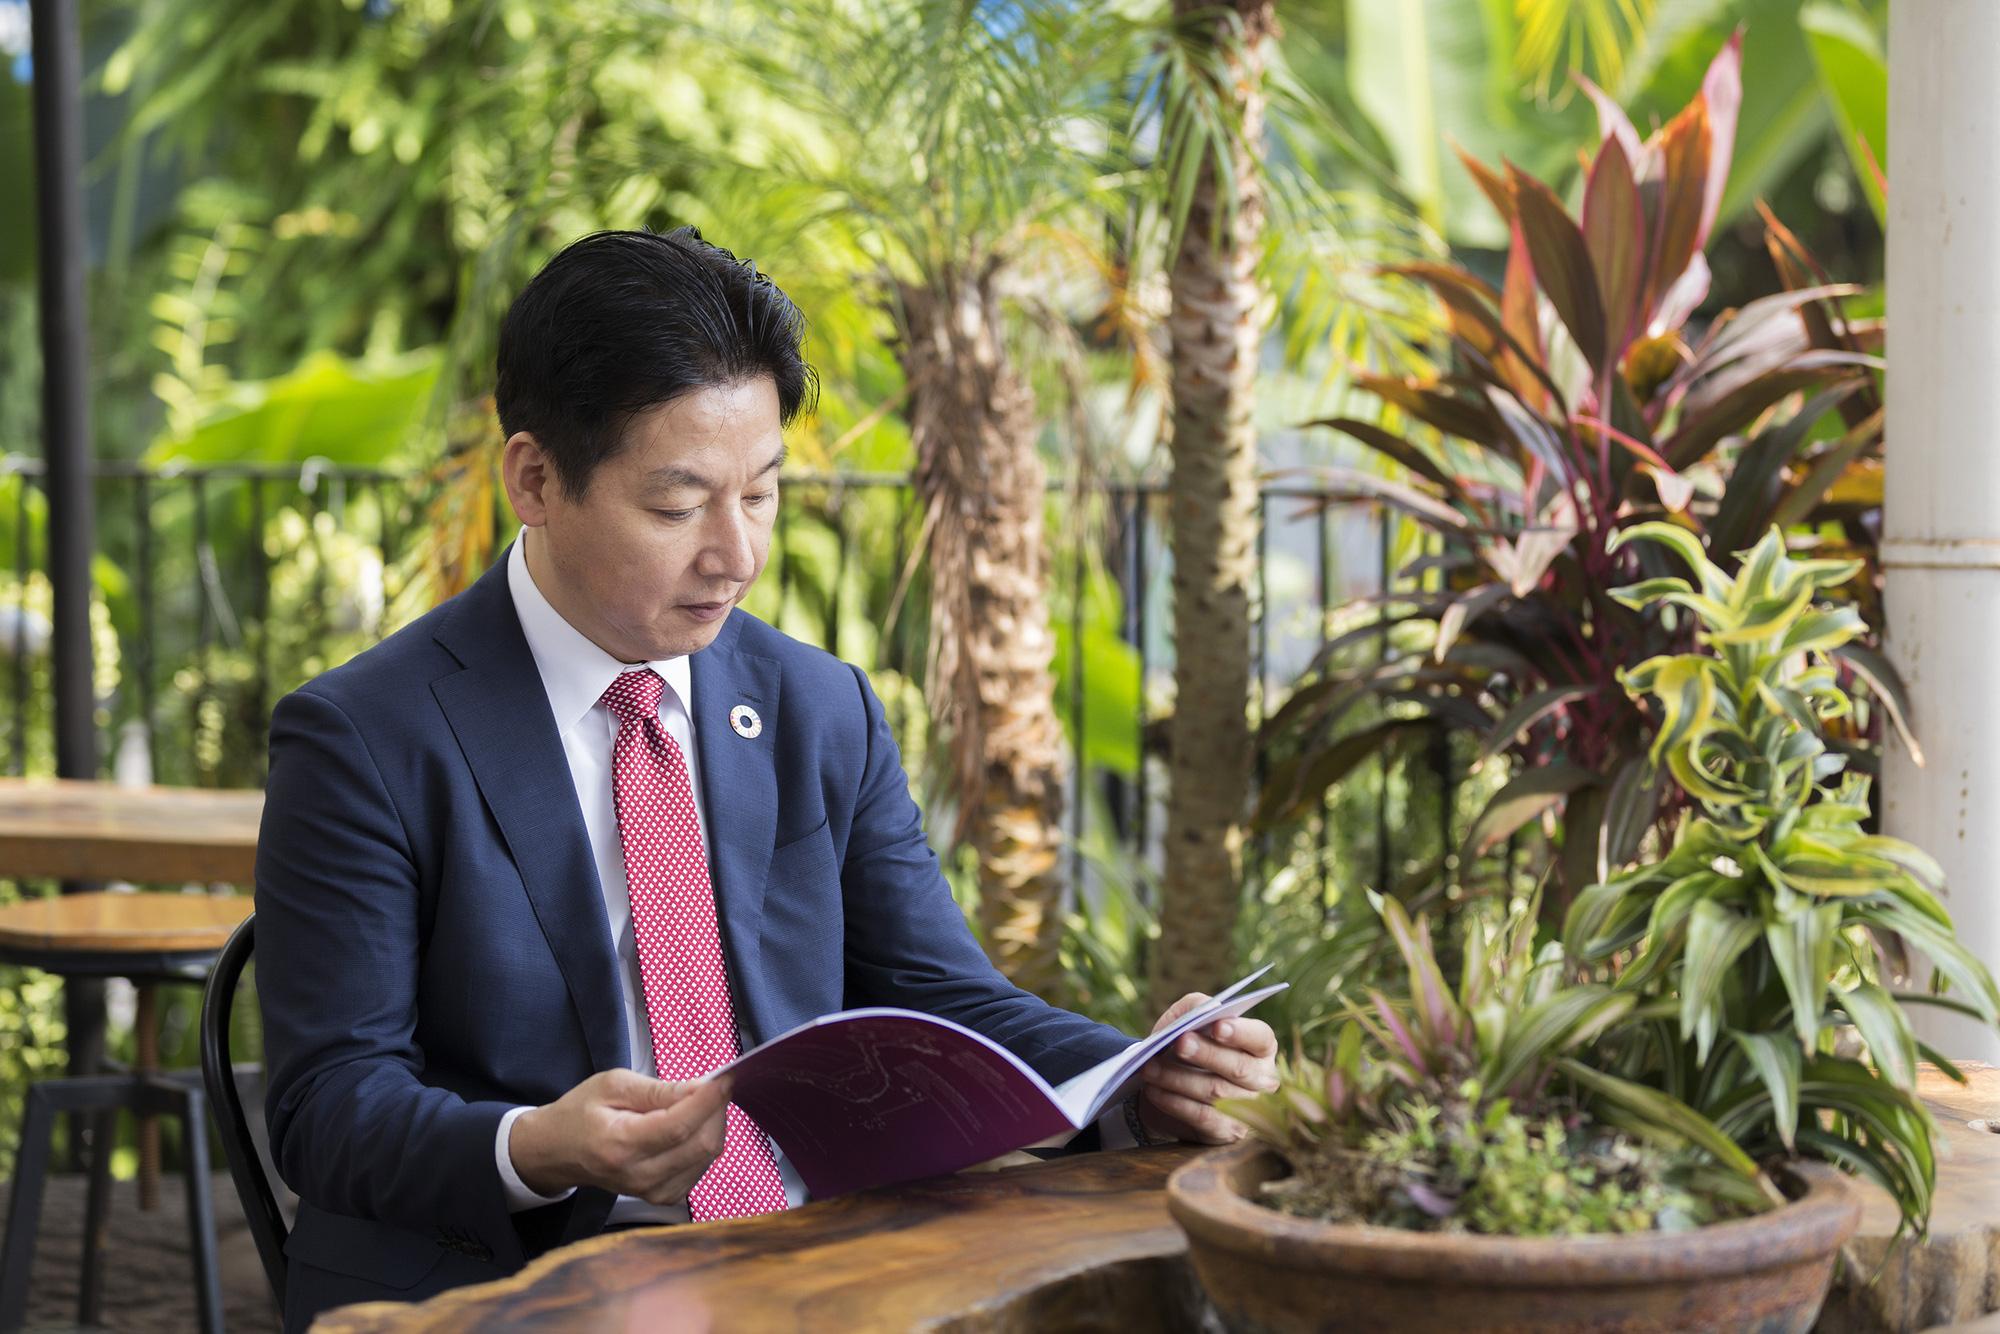 """Tổng Giám đốc AEONMALL Việt Nam: Thực hiện các dự án """"Happiness Mall"""" là mục tiêu phát triển bền vững - Ảnh 5."""